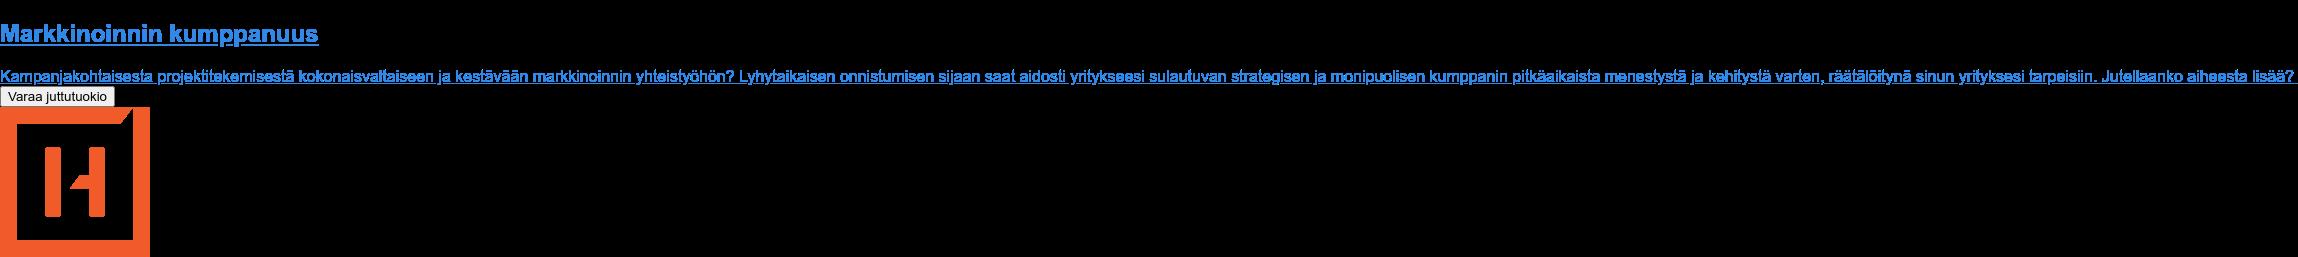 Markkinoinnin kumppanuus  Kampanjakohtaisesta projektitekemisestä kokonaisvaltaiseen ja kestävään  markkinoinnin yhteistyöhön? Lyhytaikaisen onnistumisen sijaan saat aidosti  yritykseesi sulautuvan strategisen ja monipuolisen kumppanin pitkäaikaista  menestystä ja kehitystä varten, räätälöitynä sinun yrityksesi tarpeisiin.  Jutellaanko aiheesta lisää? Varaa juttutuokio